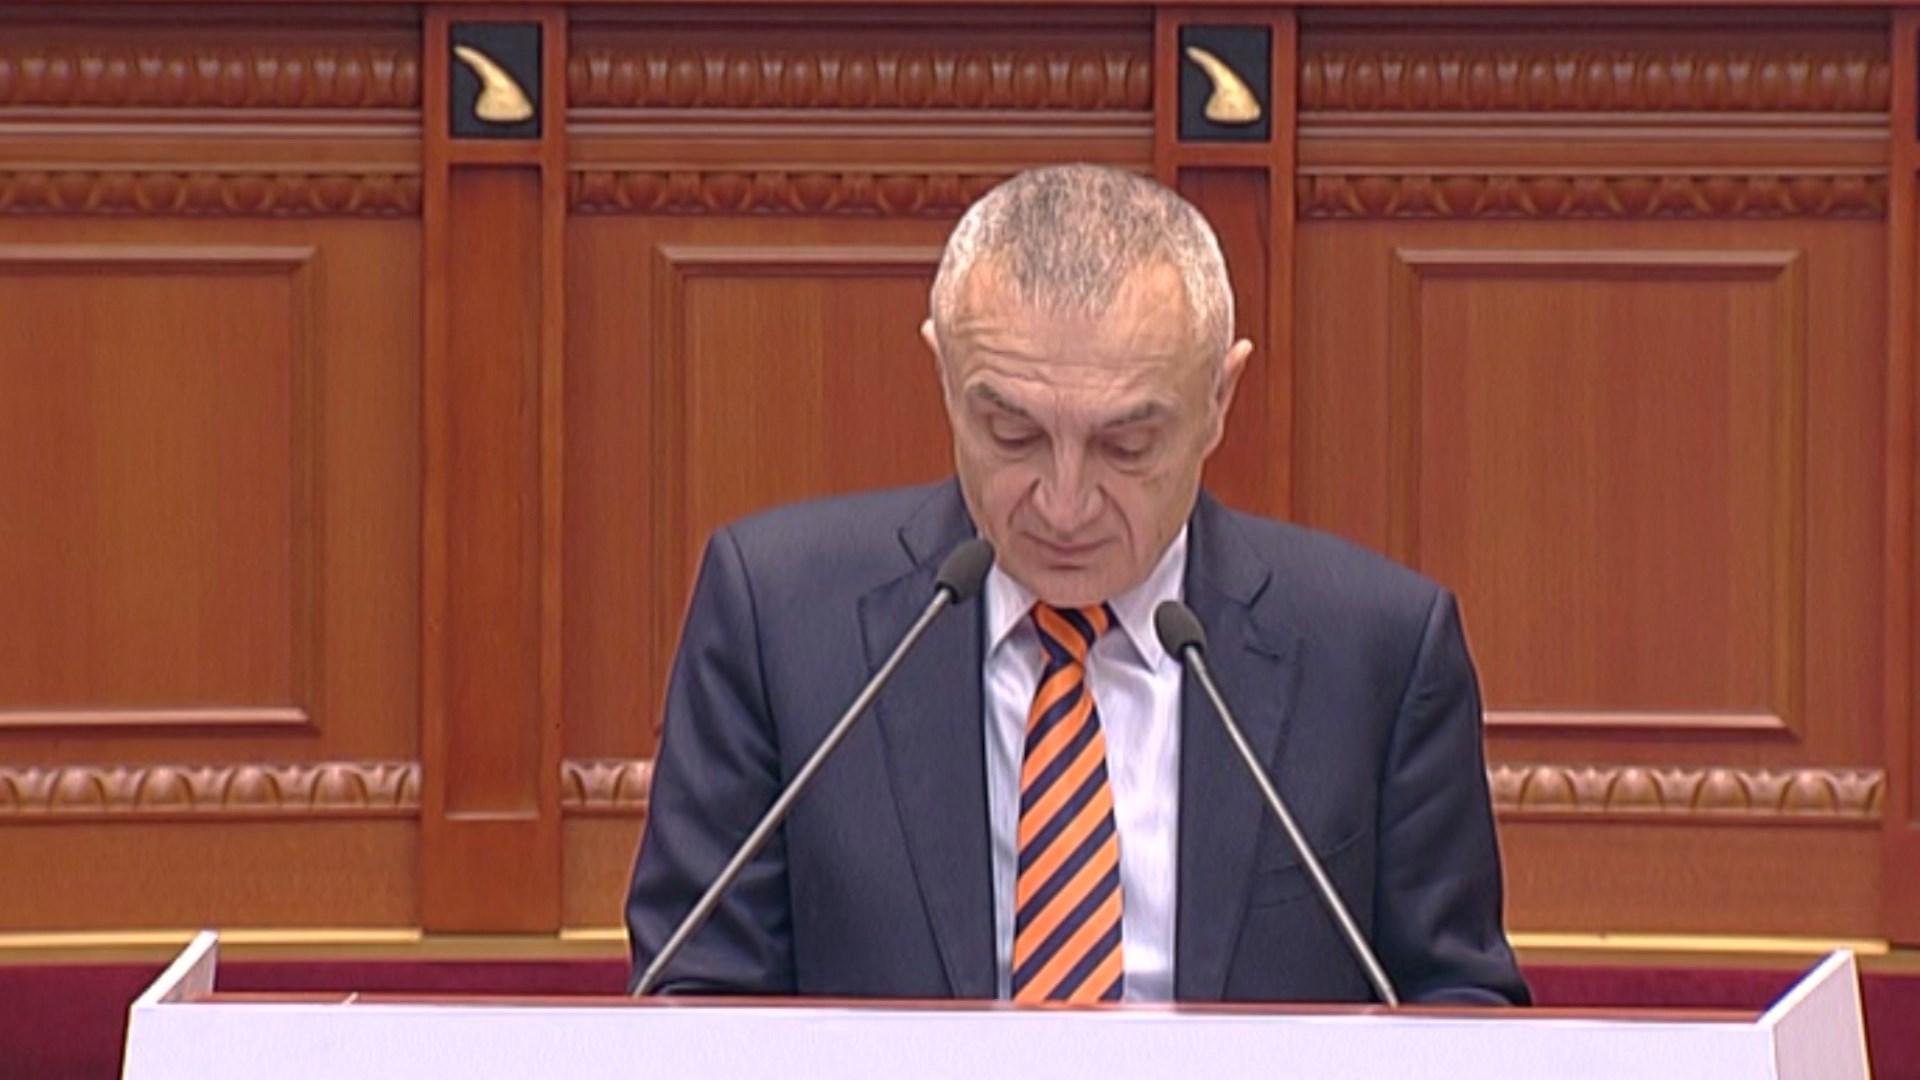 Shqipëria, apel për njohjen e Kosovës në Parlamentin Ndërkombëtar